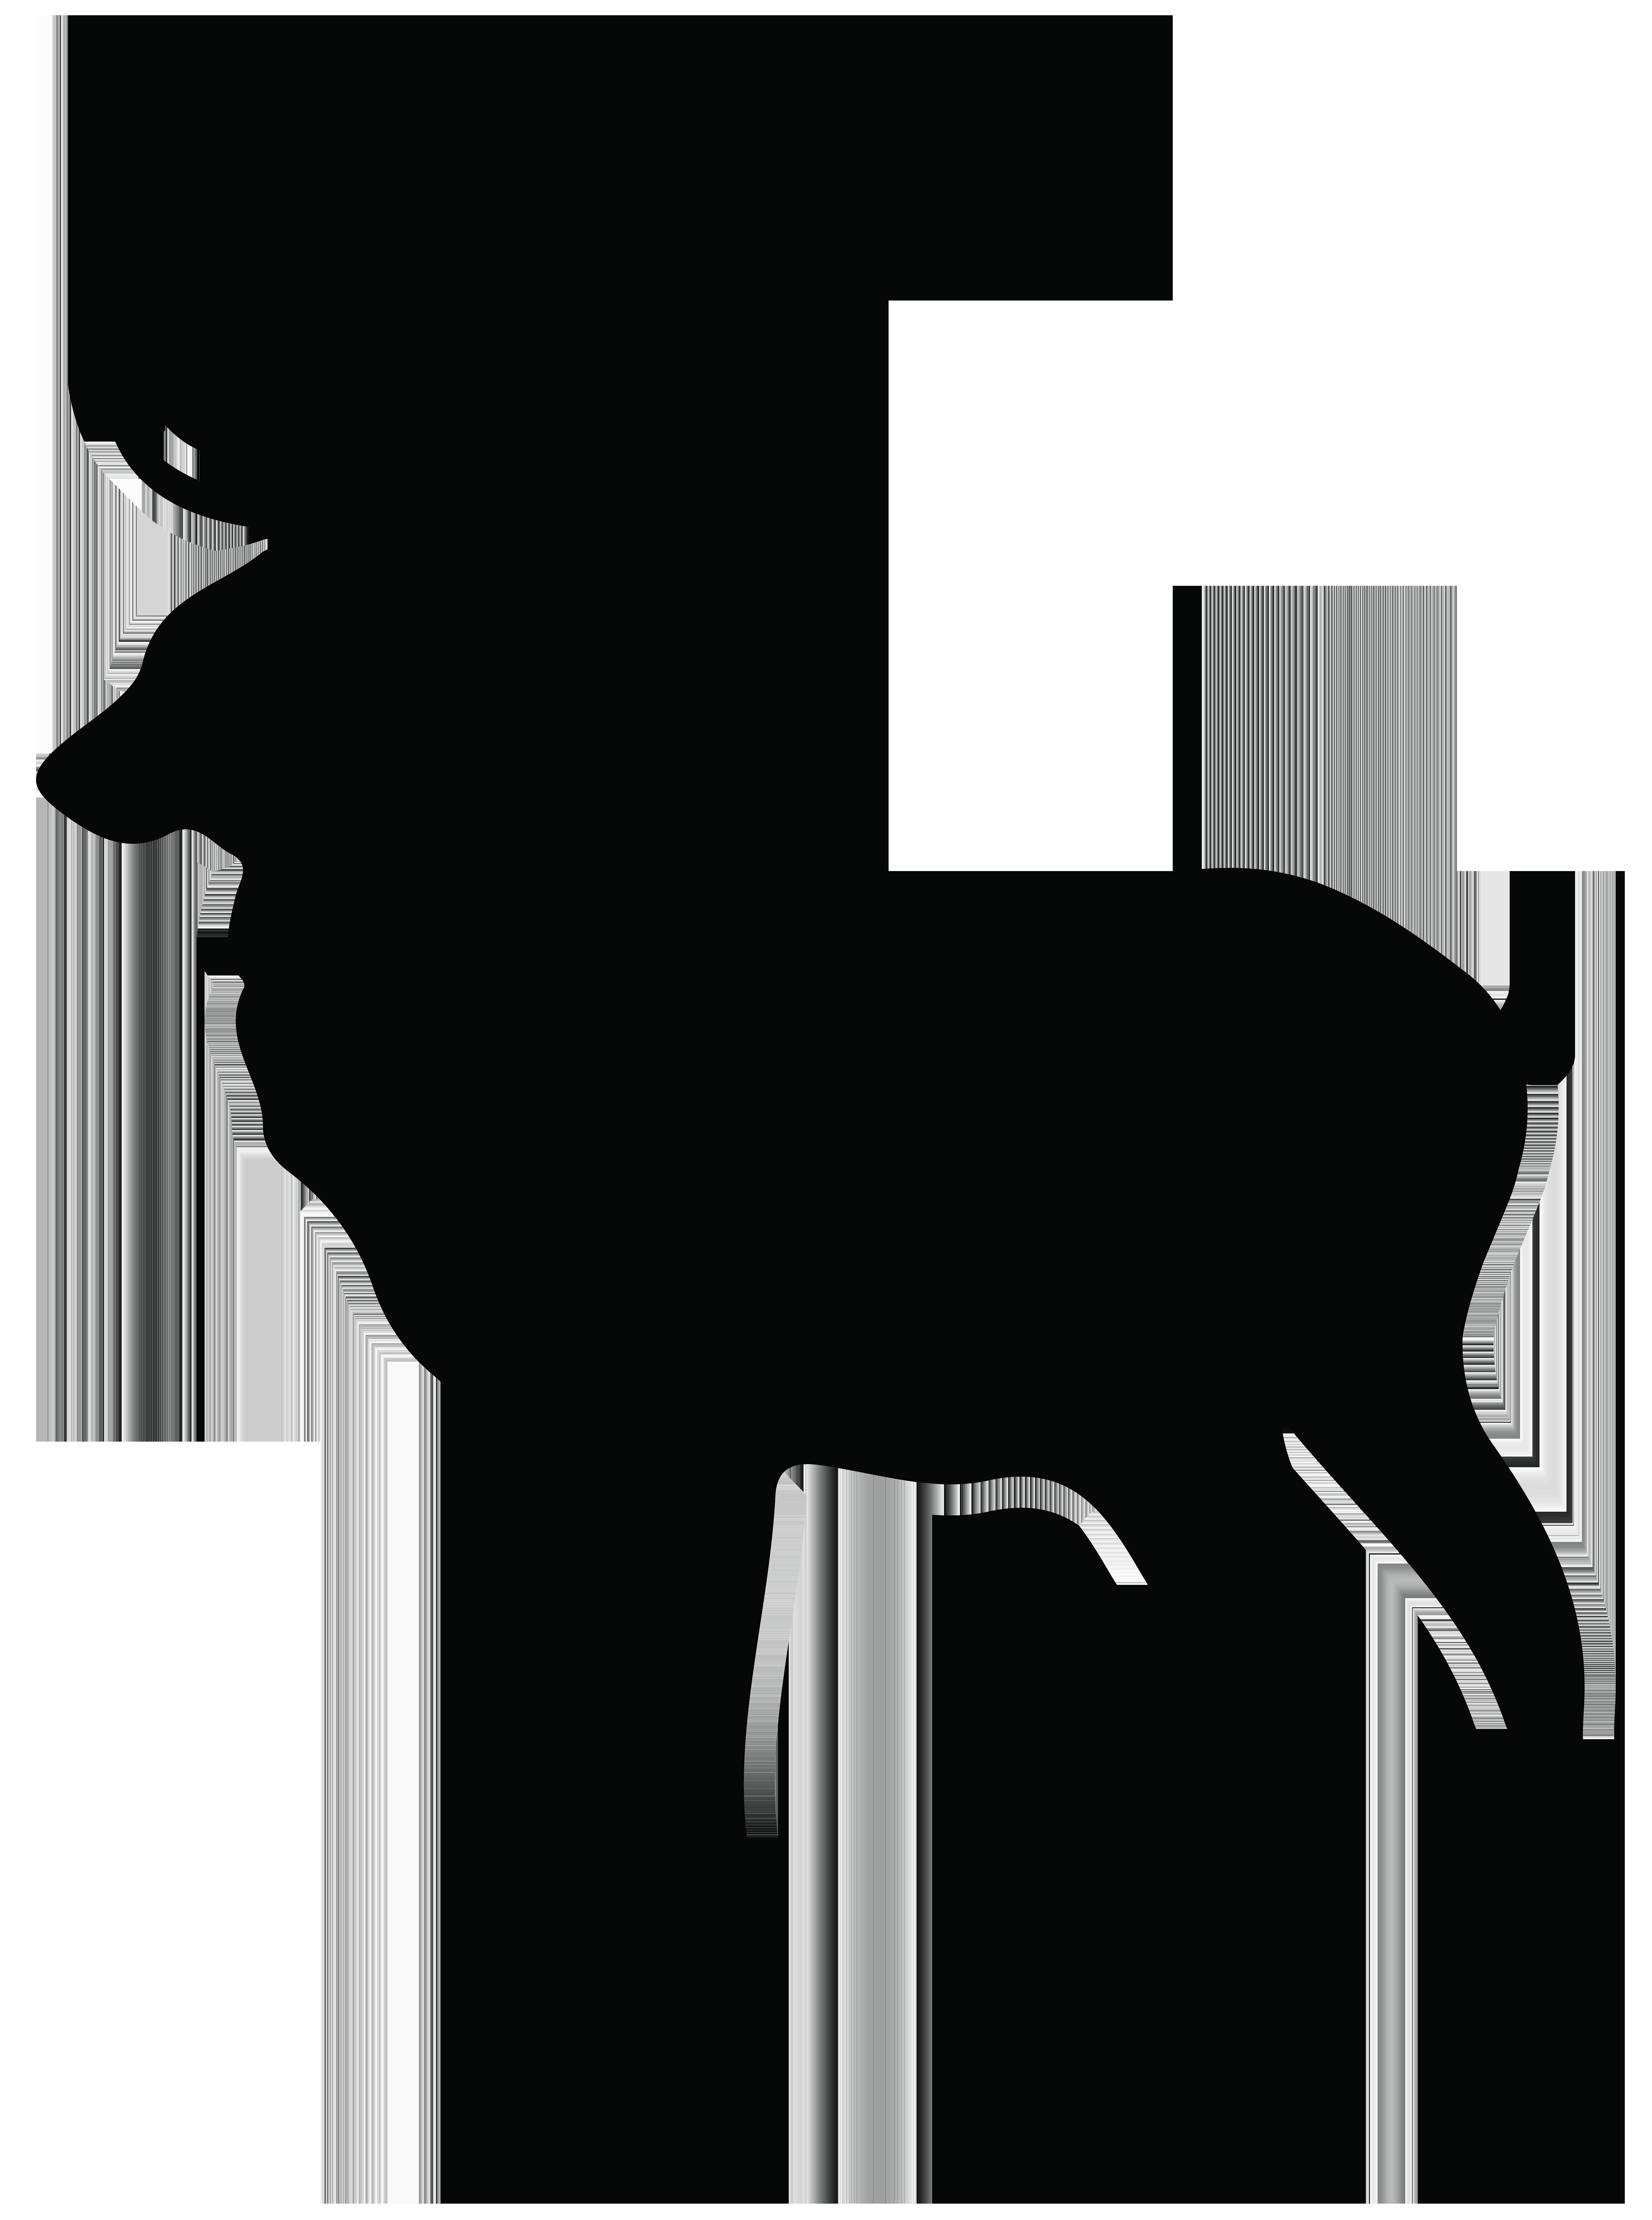 Deer line